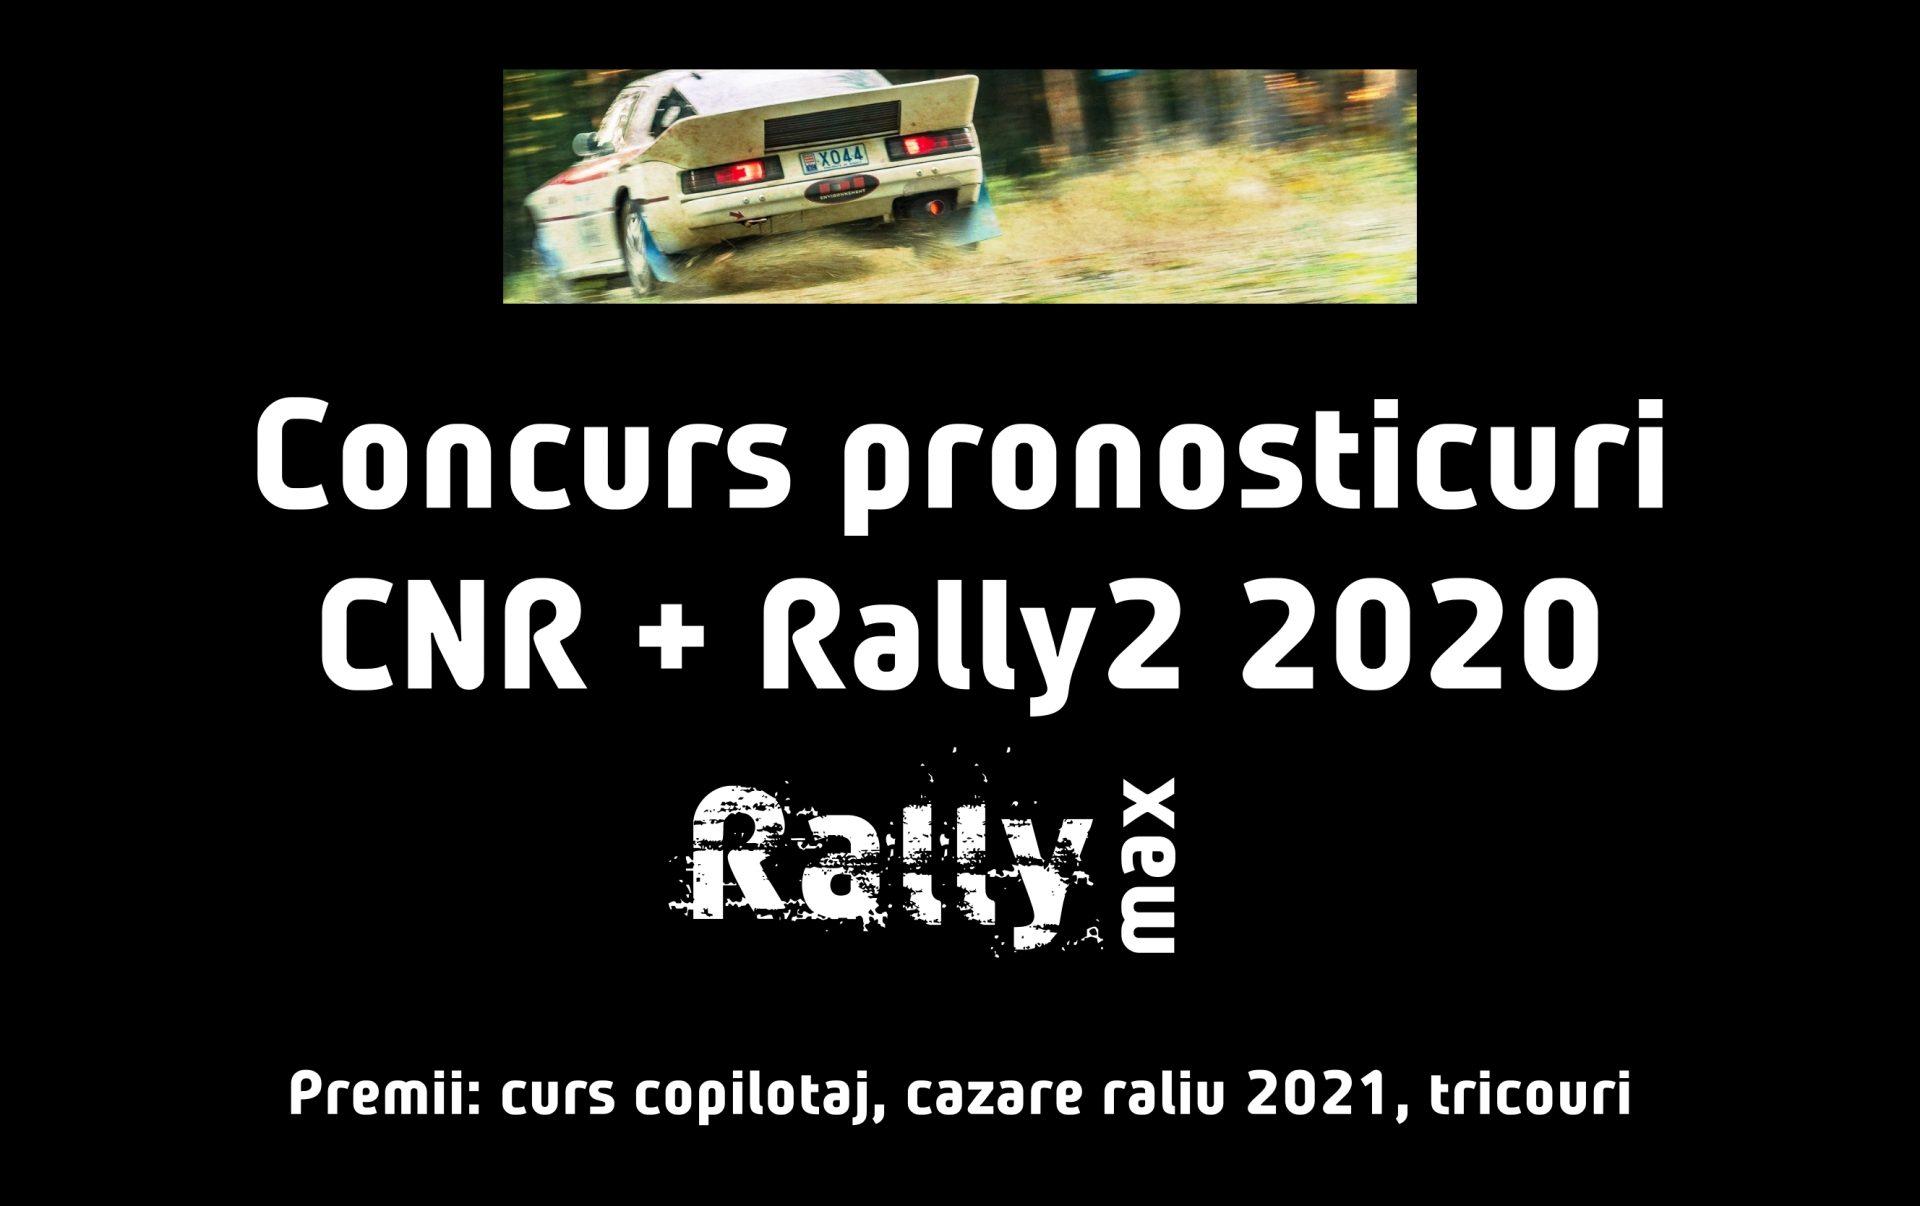 Campionatul de Pronosticuri CNR & Rally2 continuă în 2020!